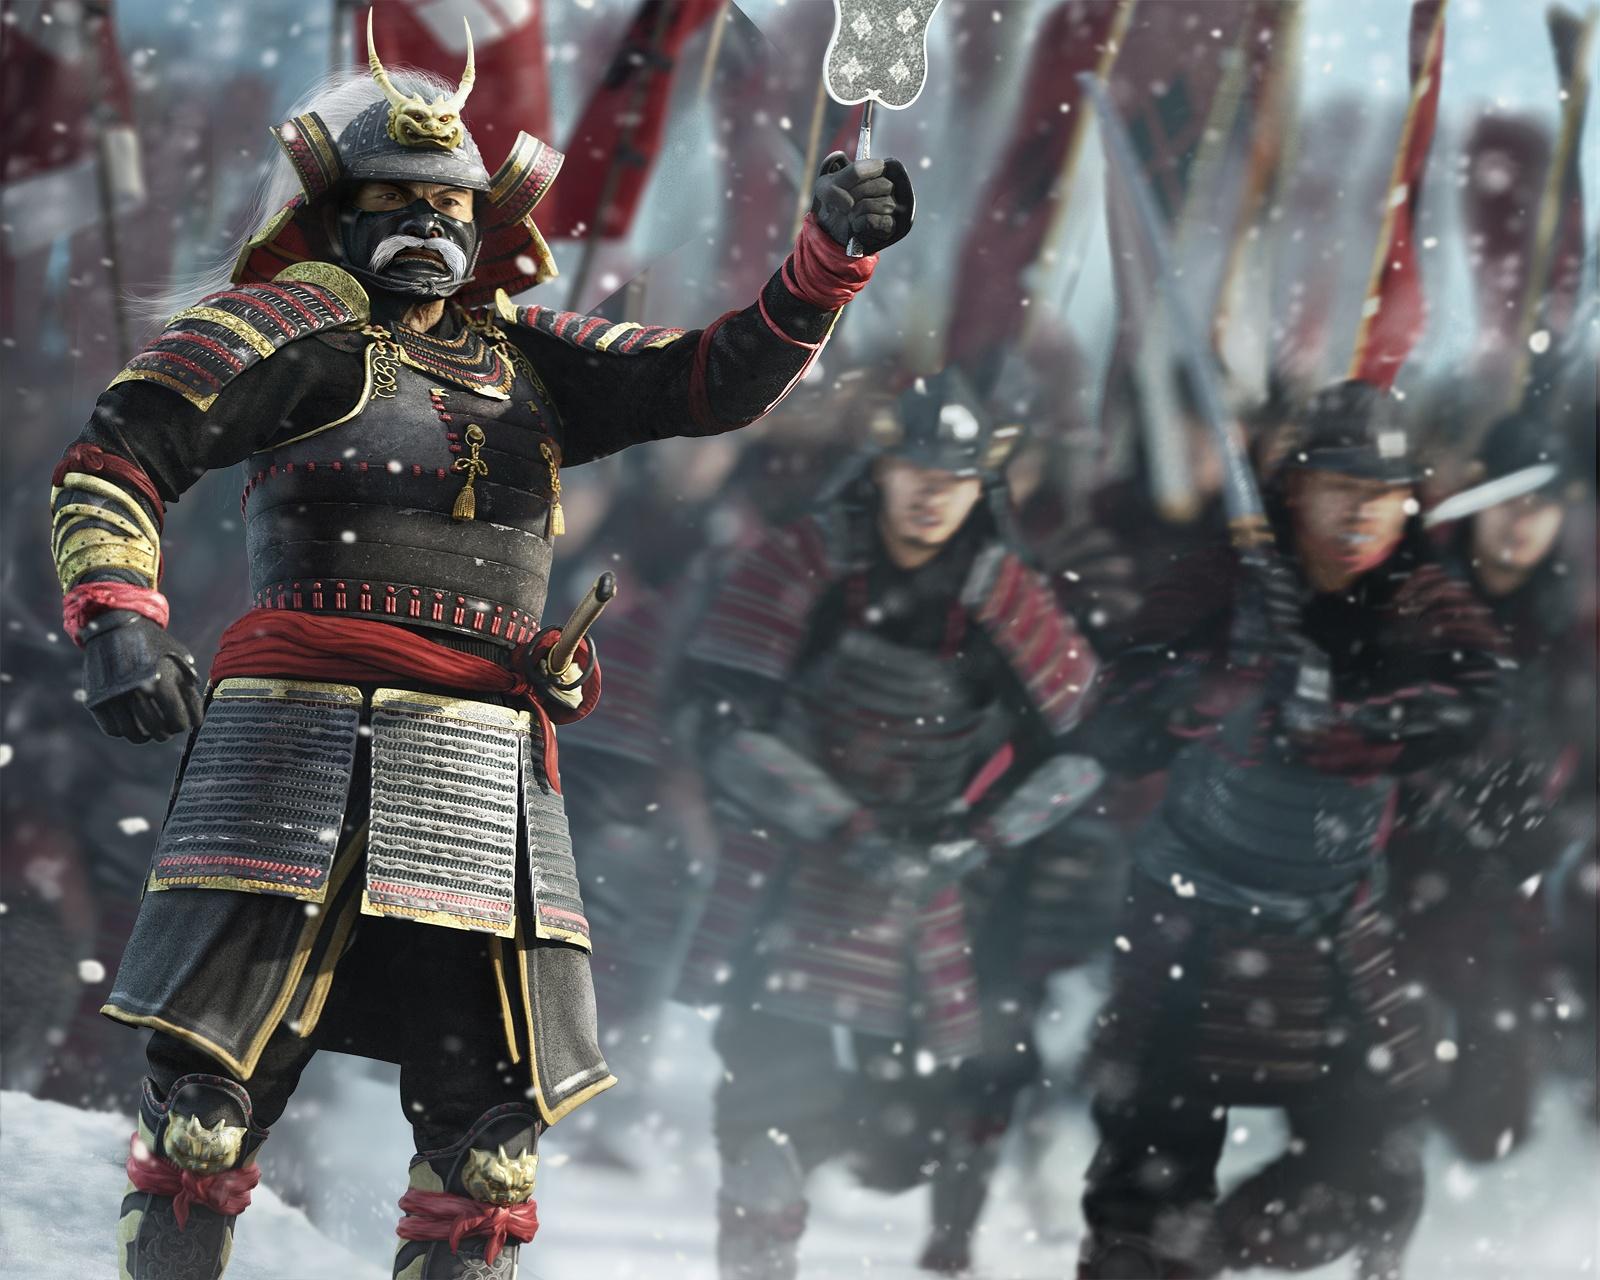 Total War Shogun 2 1080p Wallpaper Total War Shogun 2 Wallpaper